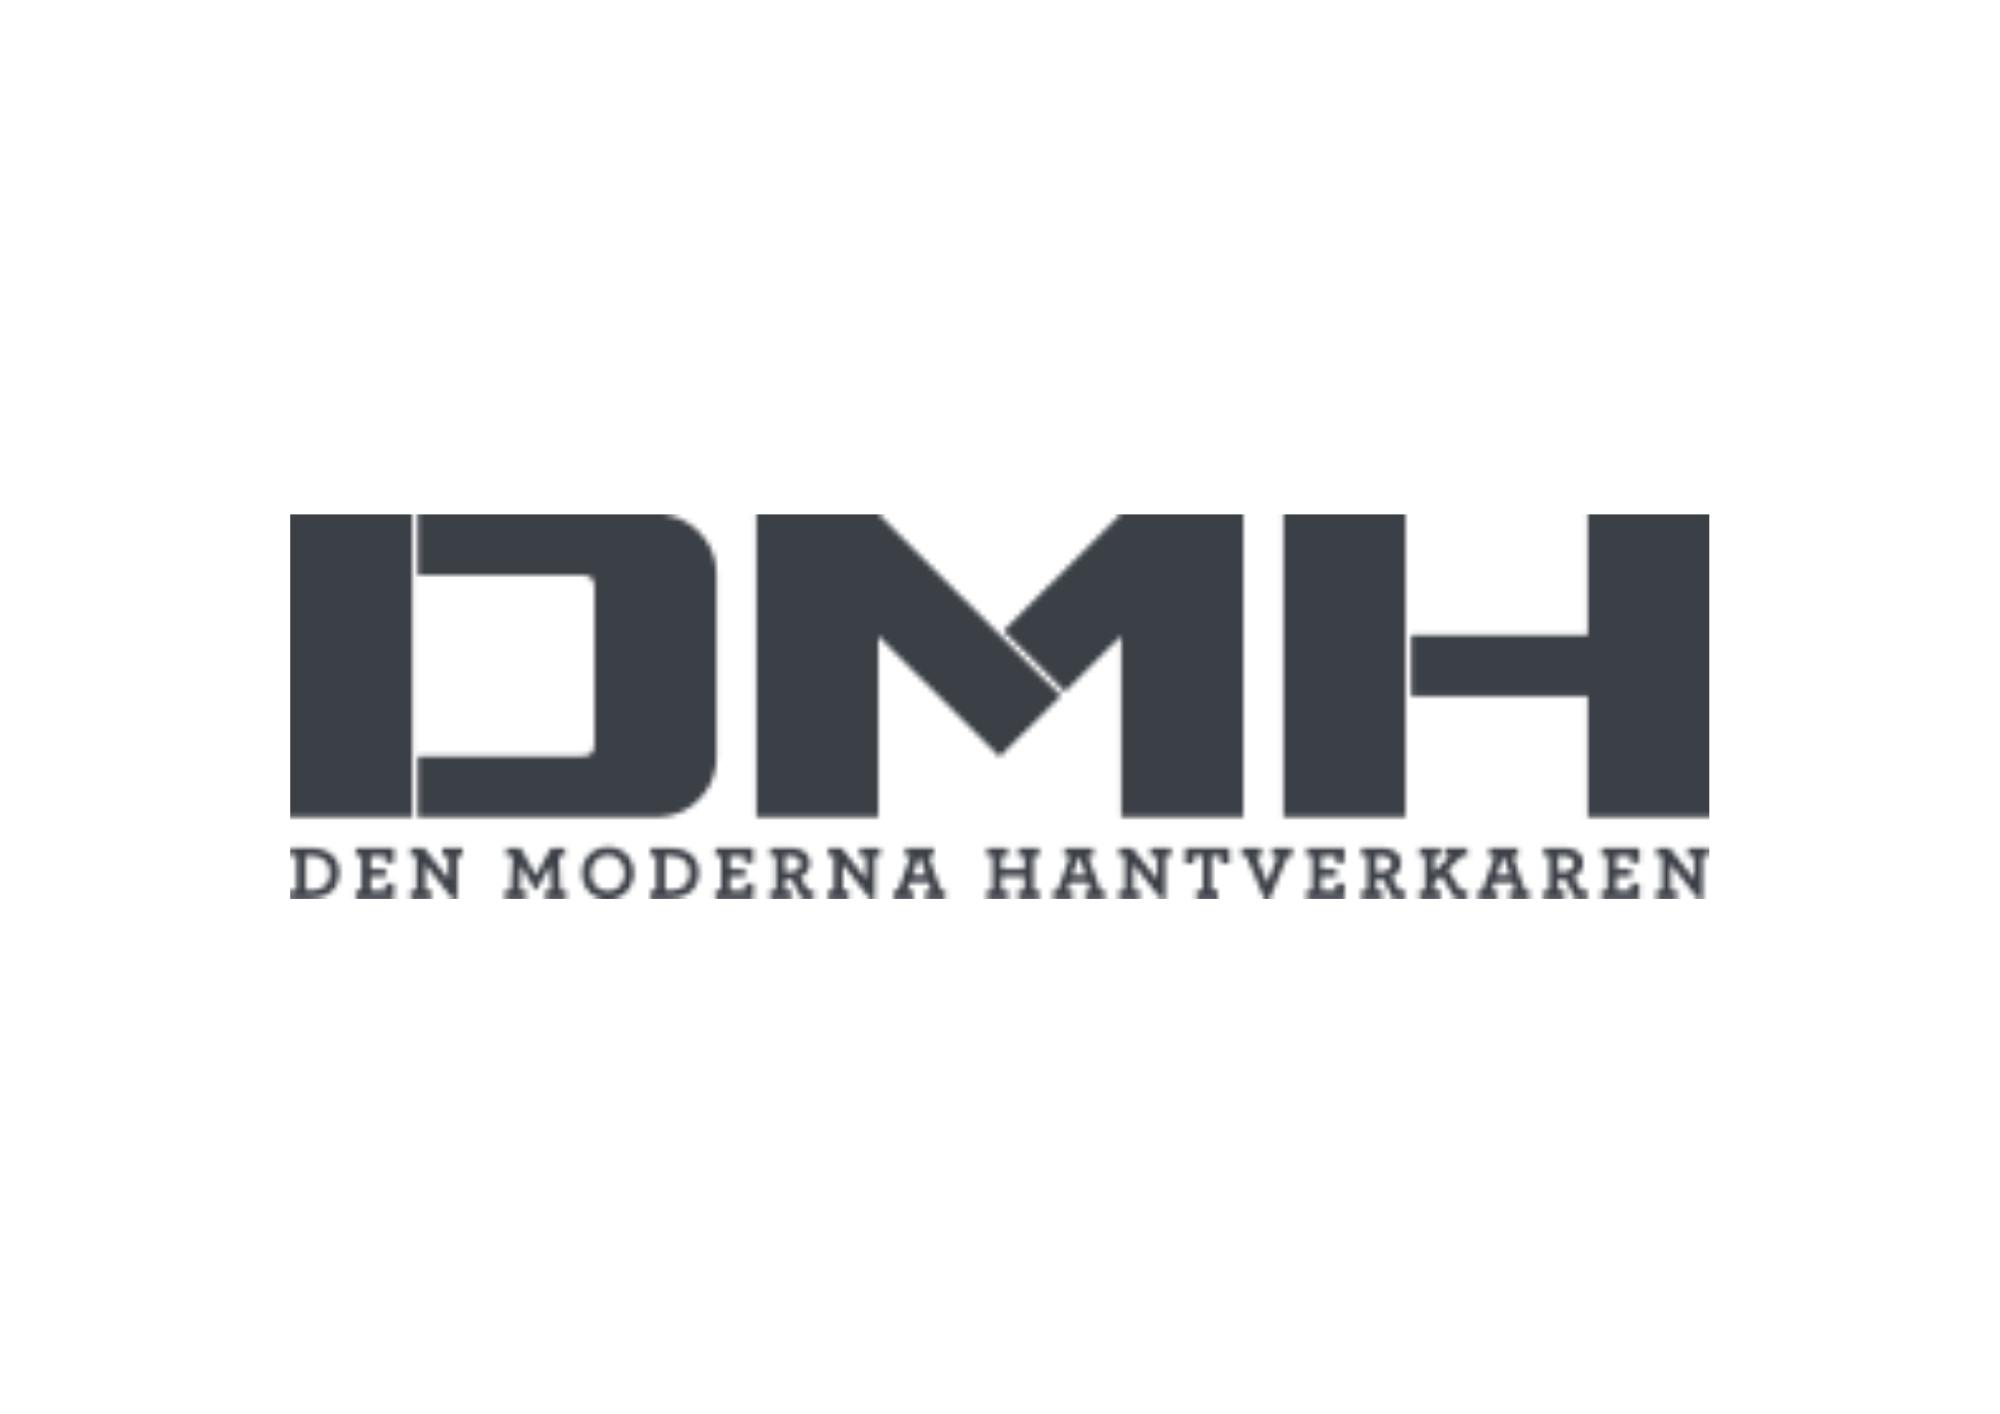 Done i media logotyper